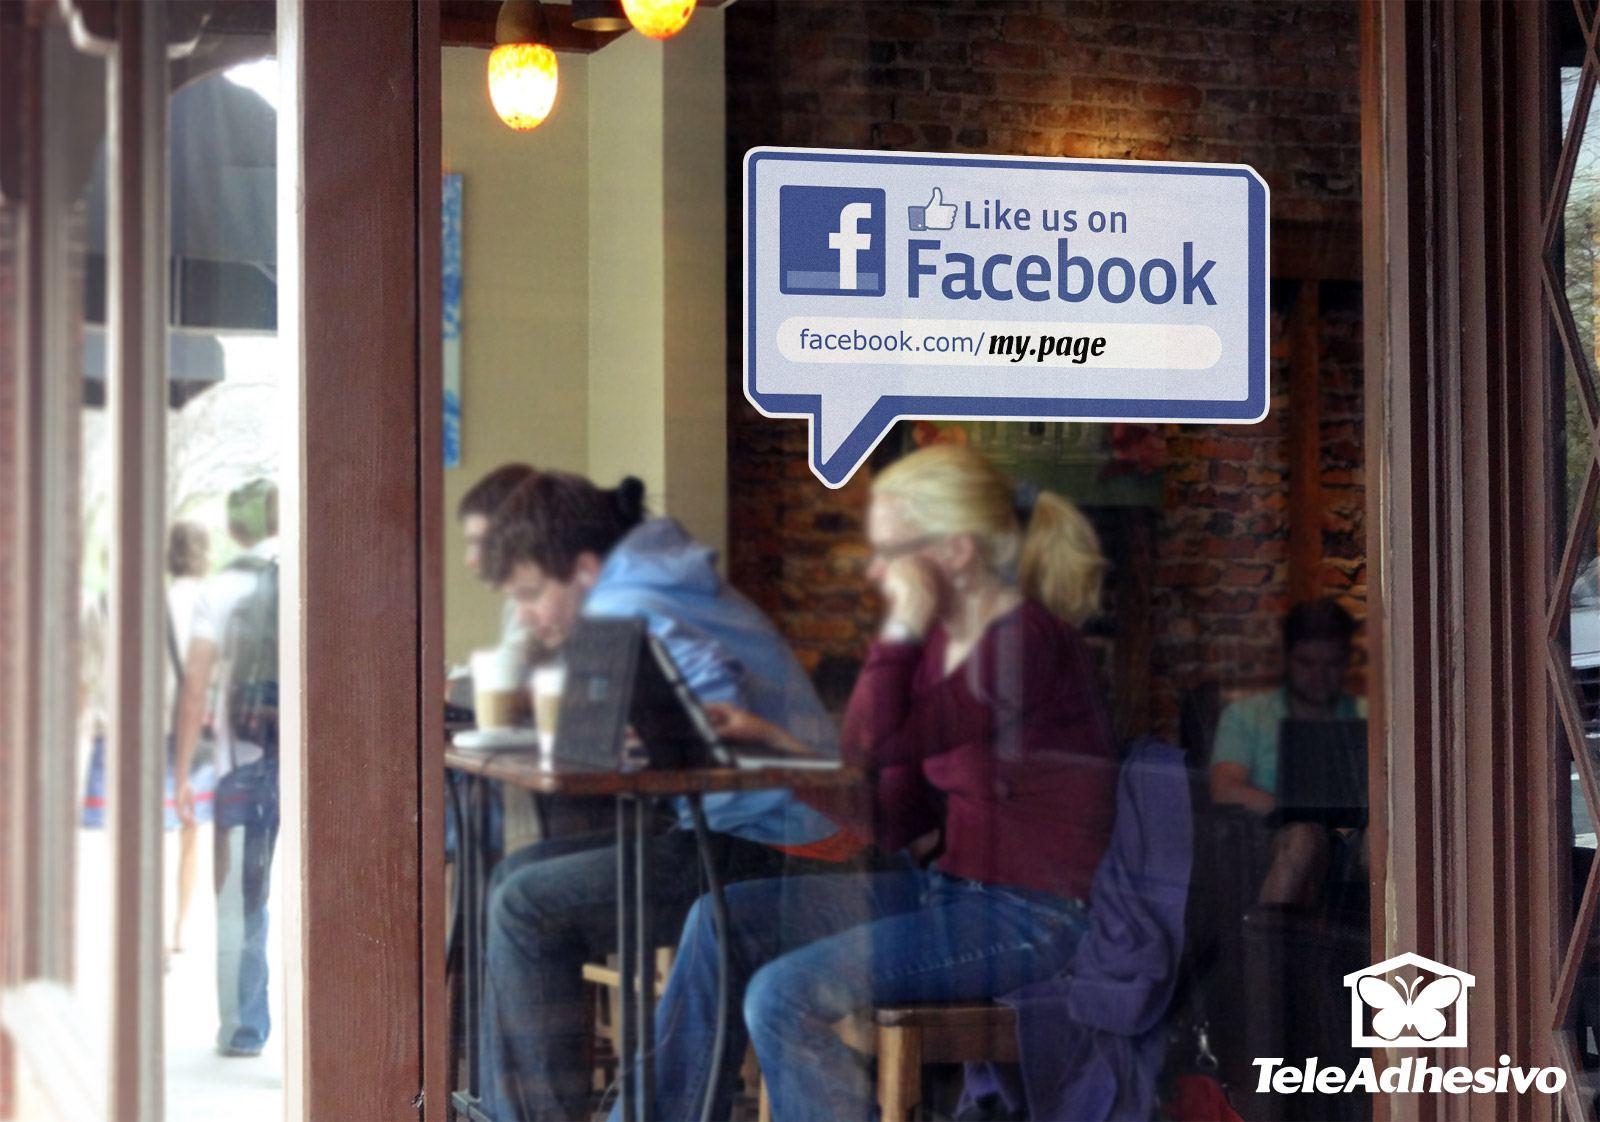 Wandtattoos: Like us on Facebook